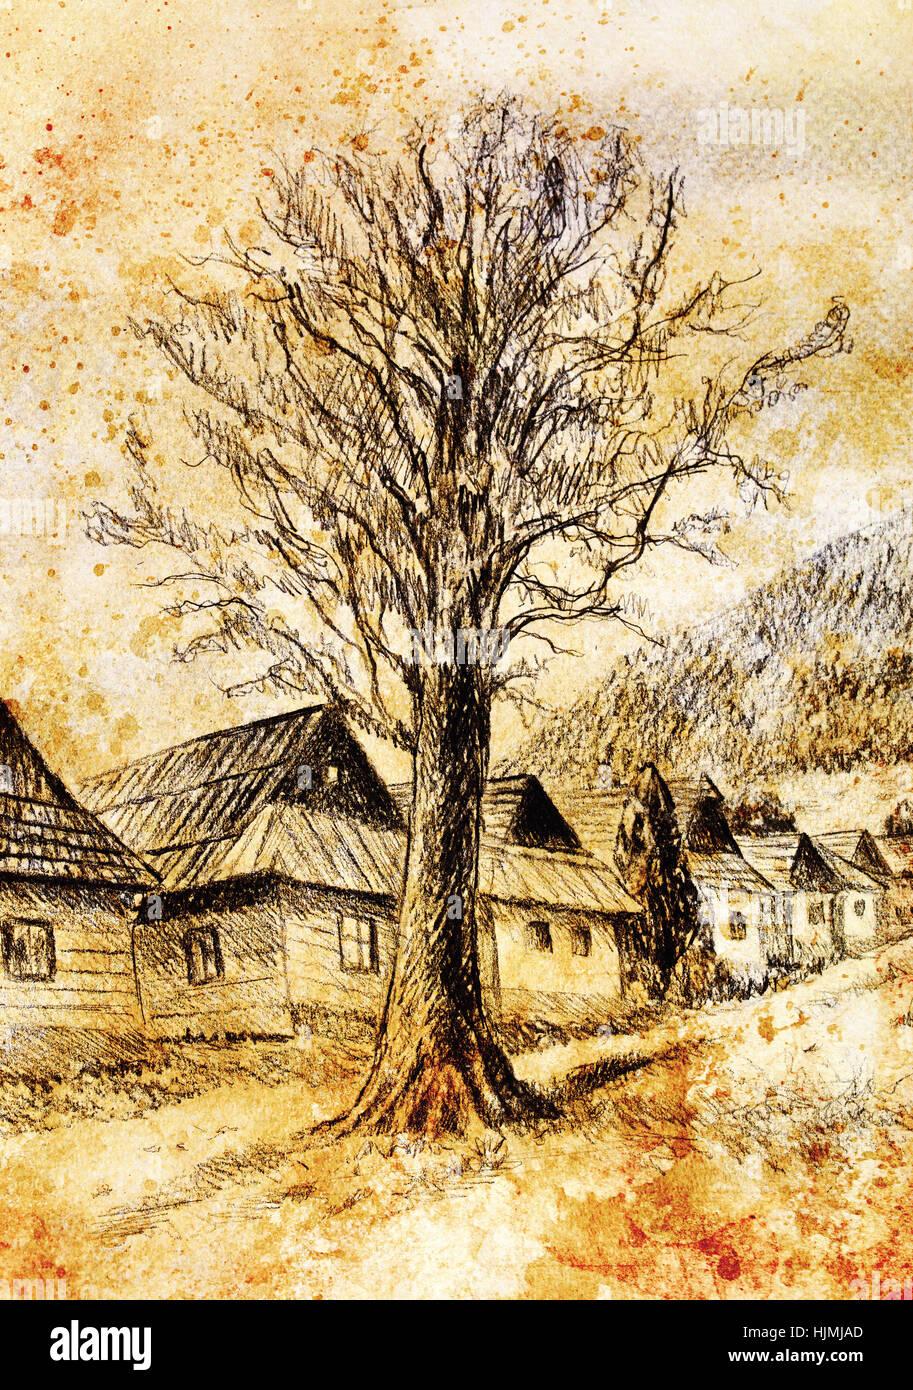 Linde In Alter Zeit Berg Willage Bleistift Zeichnung Collage Mit